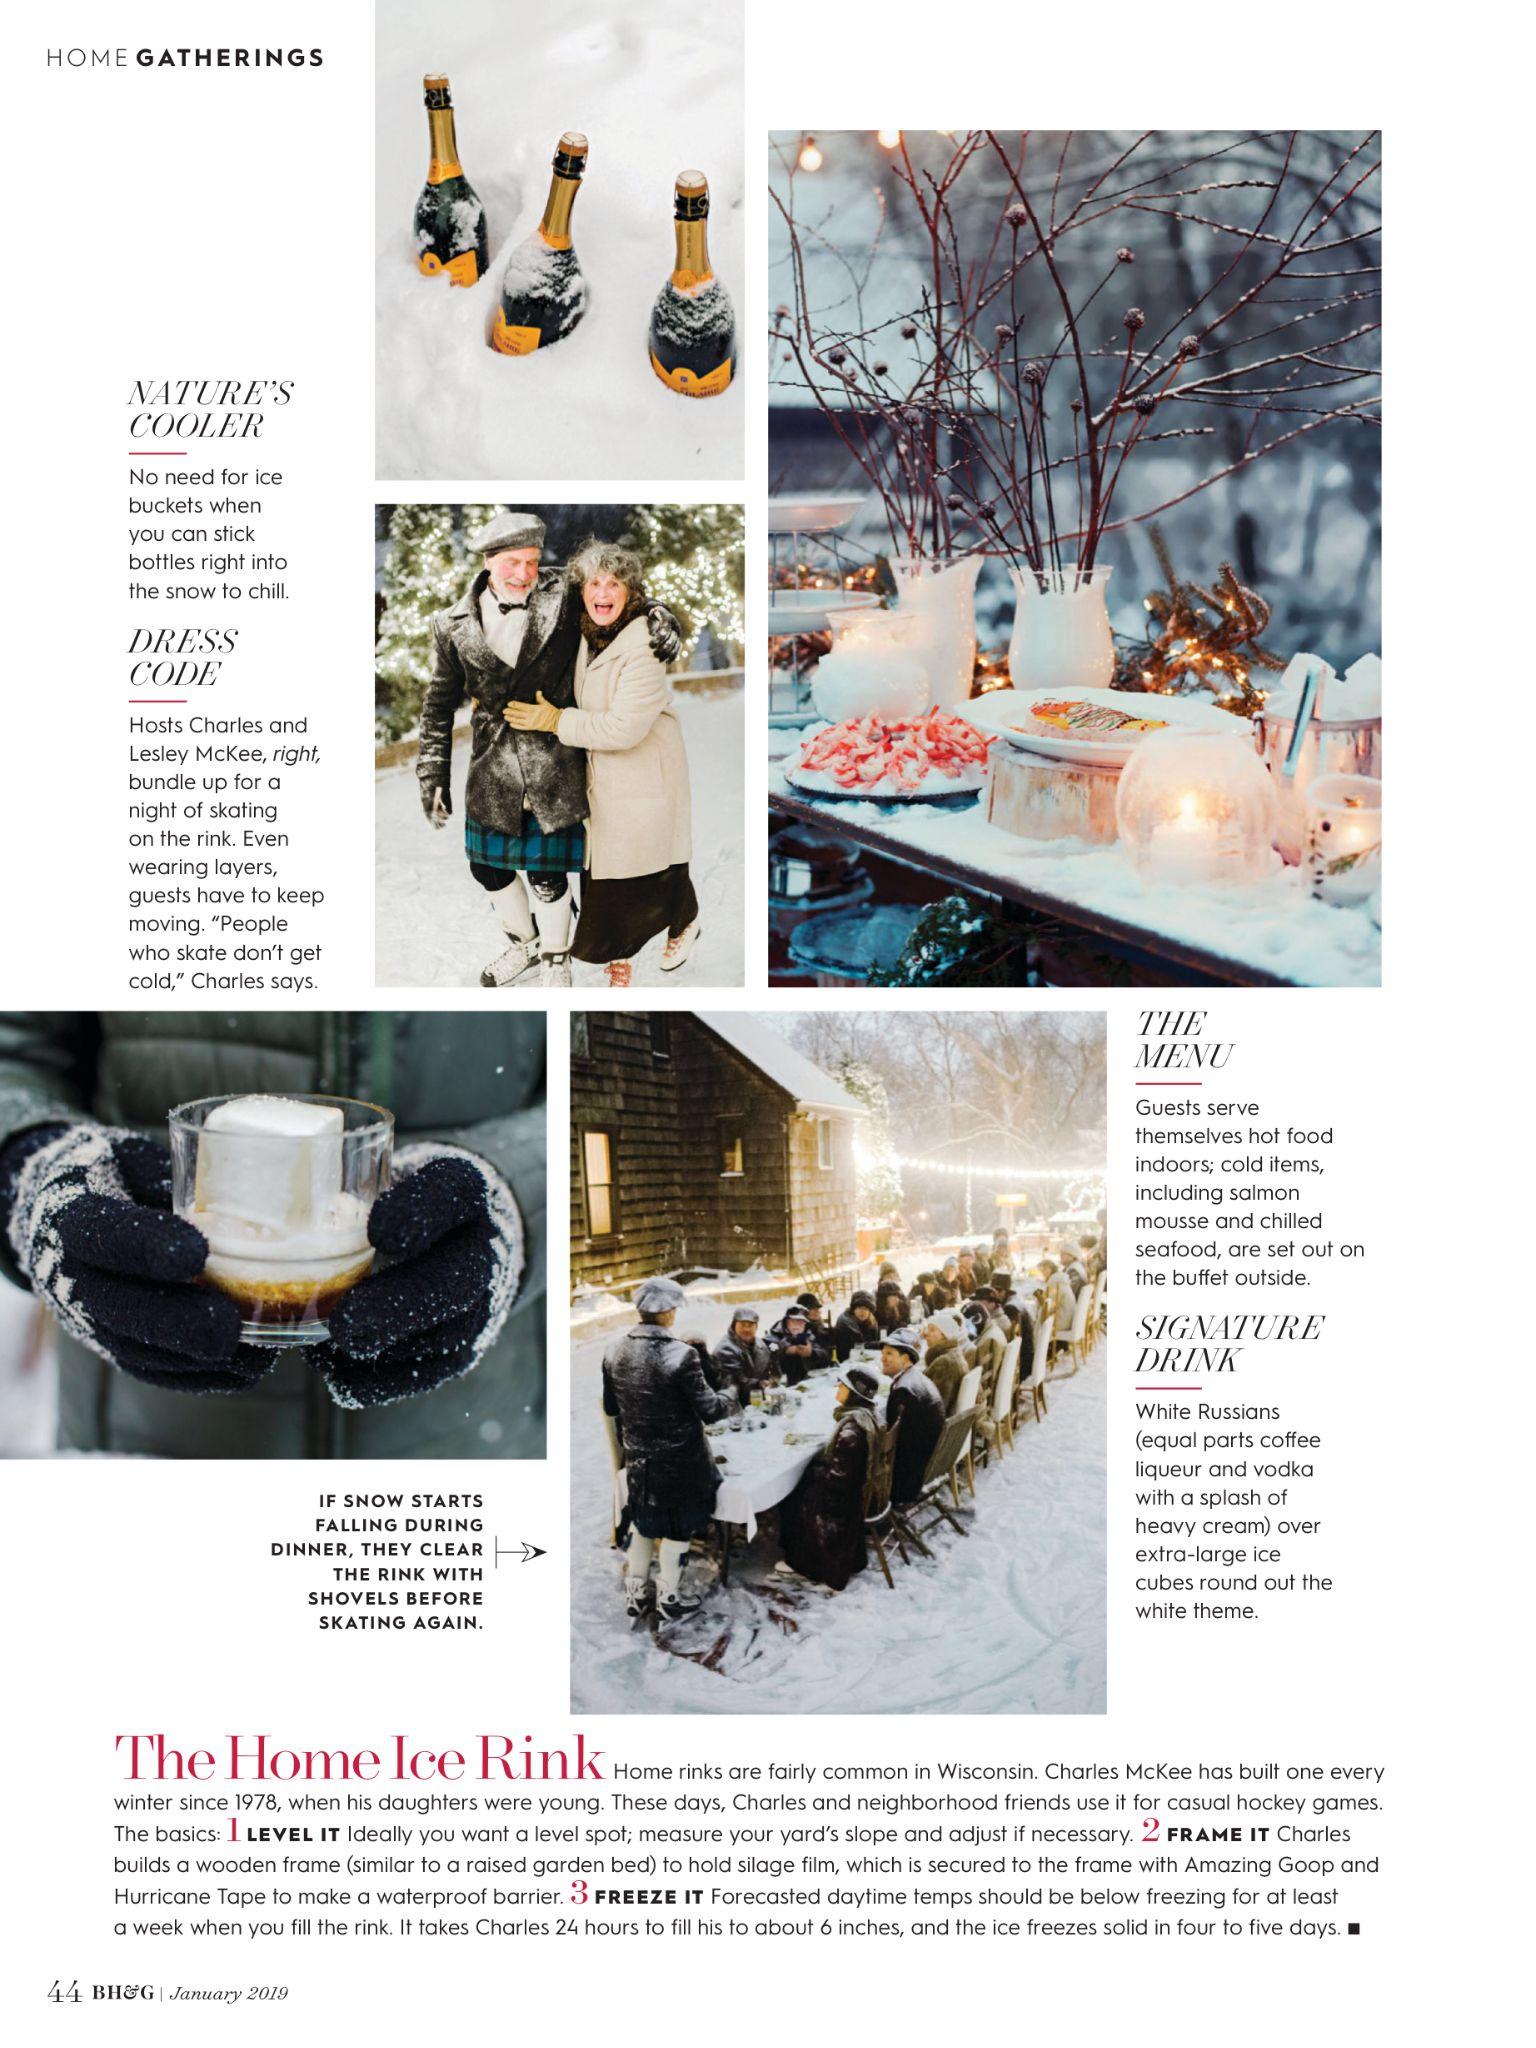 842f73c8c9a0bcc96b9fb9cde37f641c - January 2019 Better Homes And Gardens Magazine